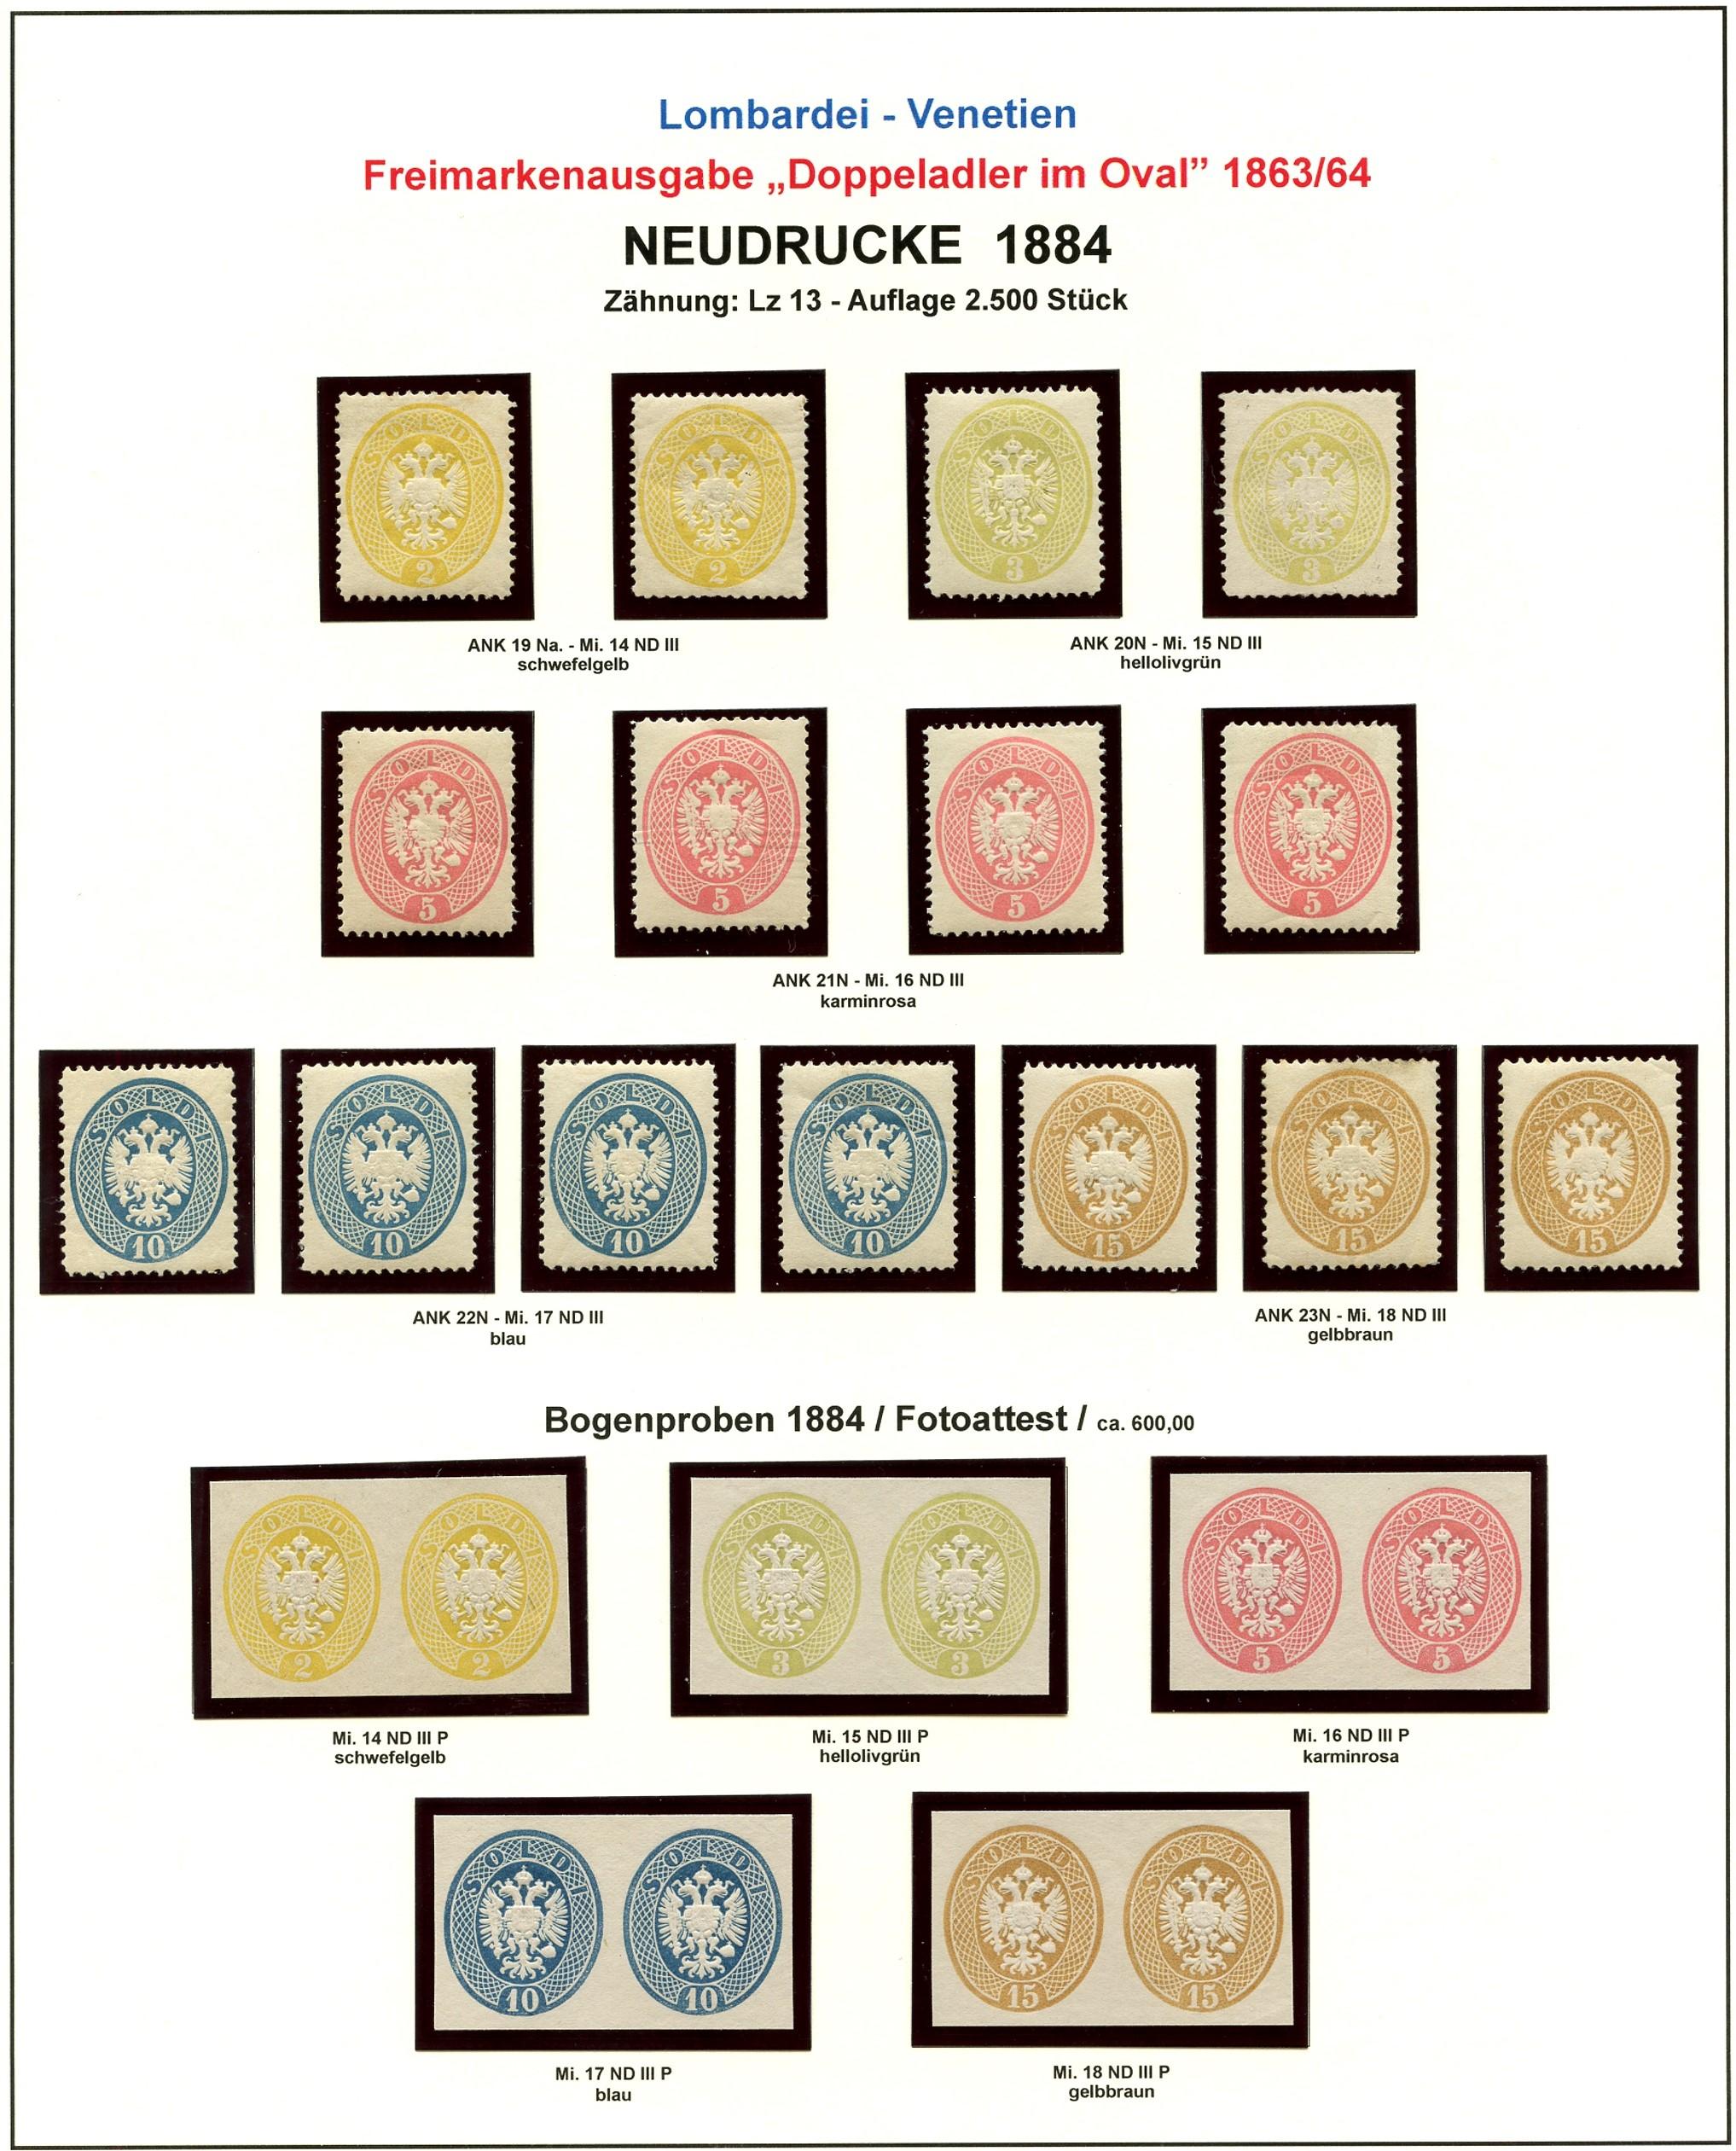 Lombardei-Venetien, Ausgaben 1863 und 1864 1884_l15